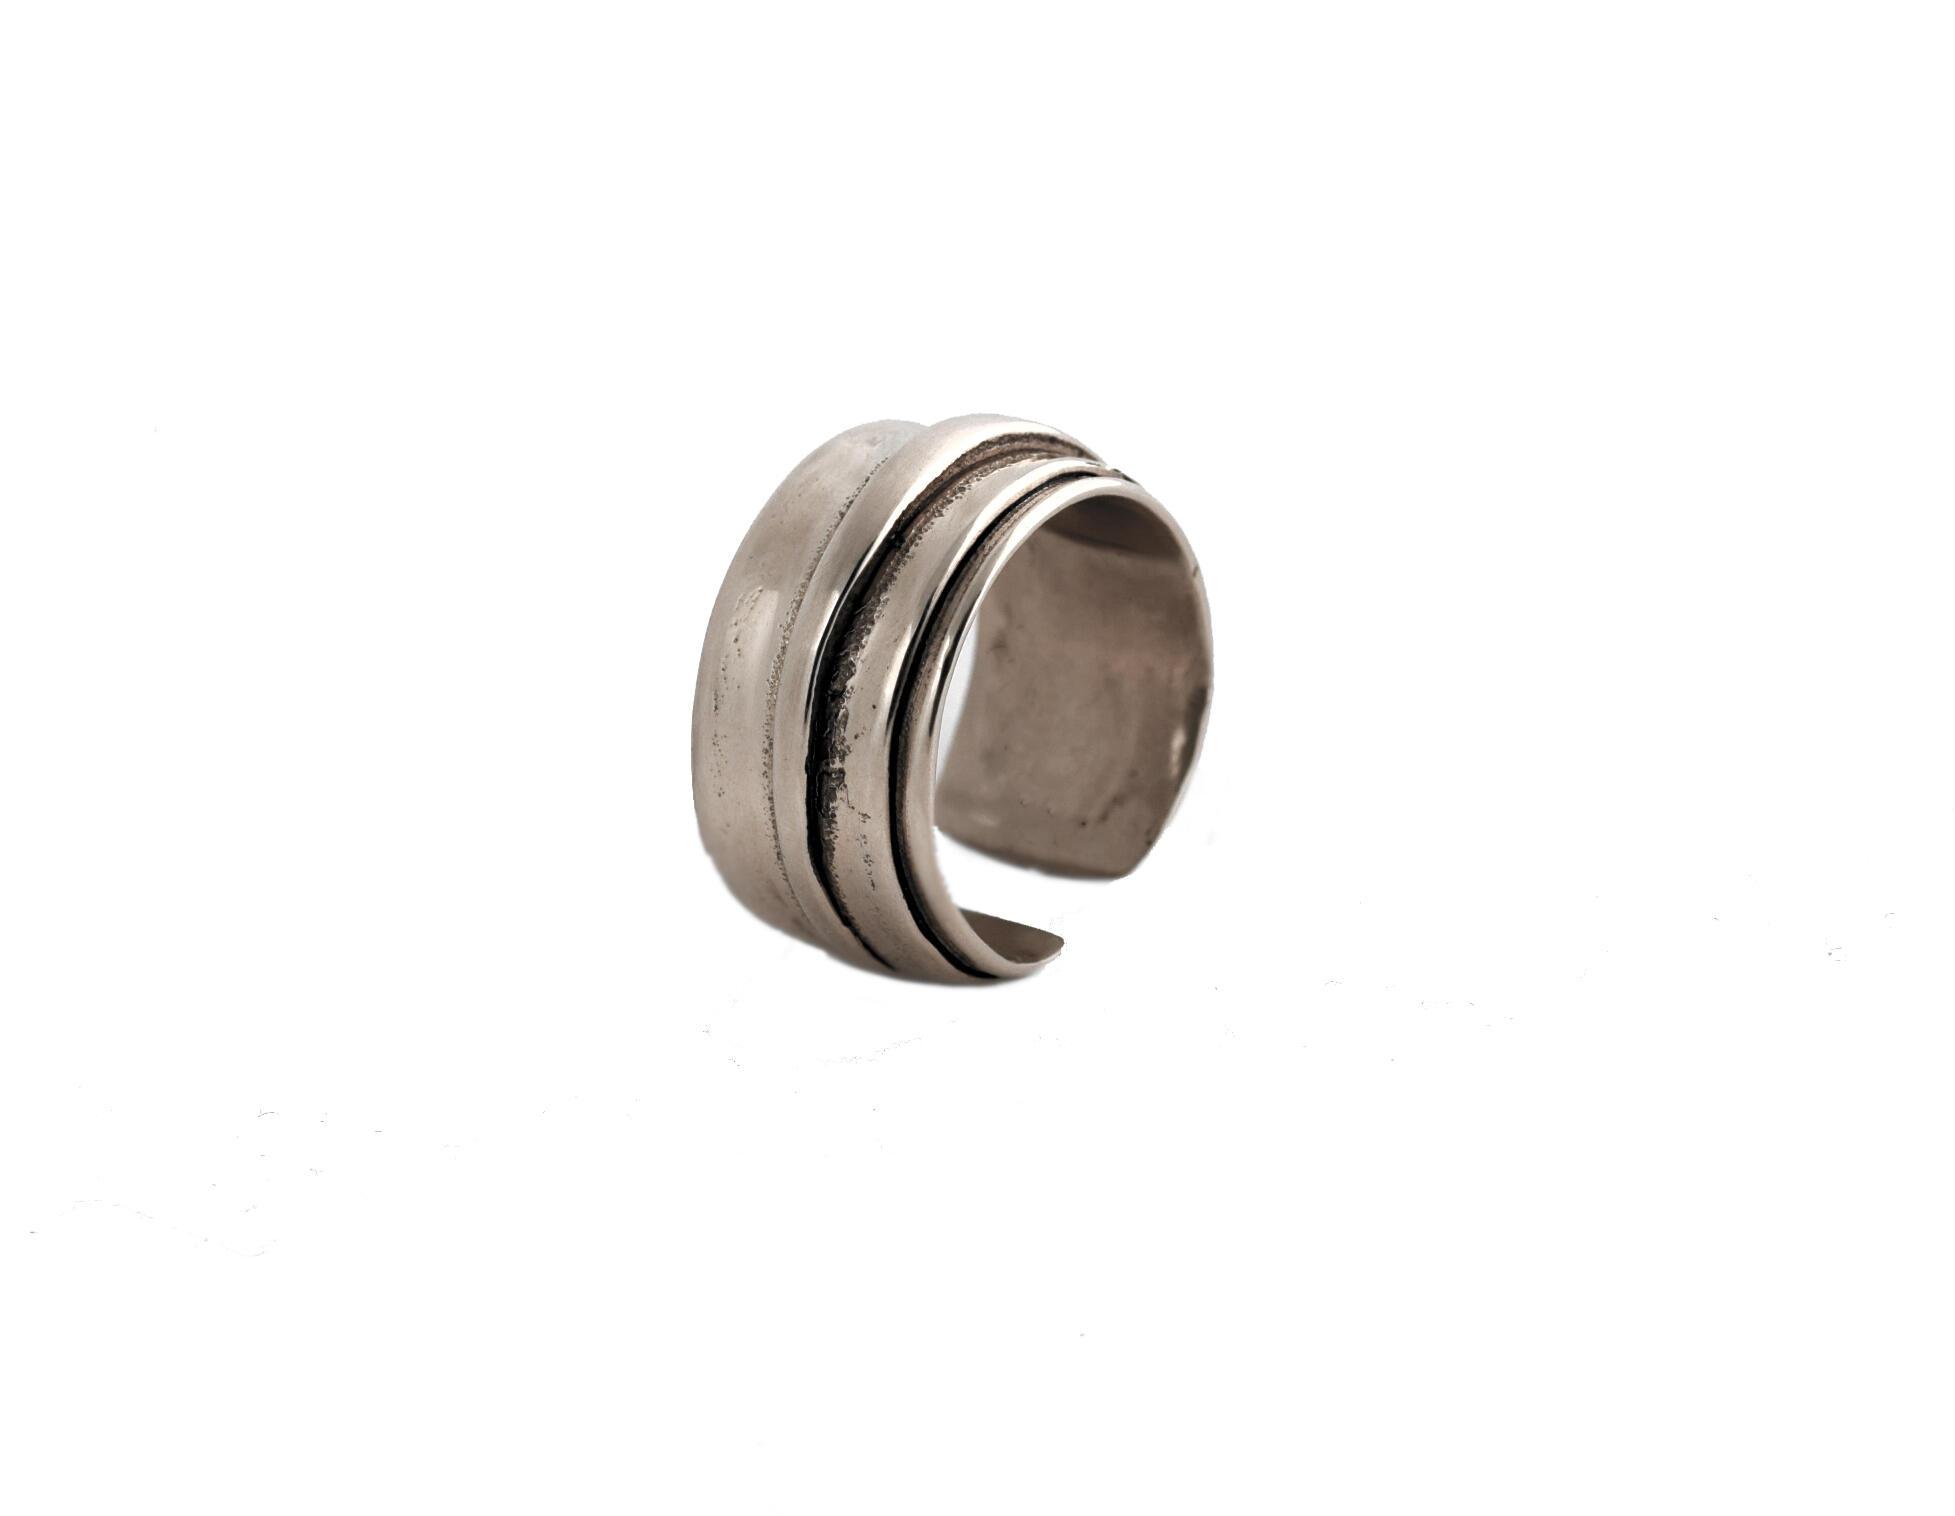 Ανδρικό δαχτυλίδι από ασήμι 925 δαχτυλίδια   ανδρικά δαχτυλίδια